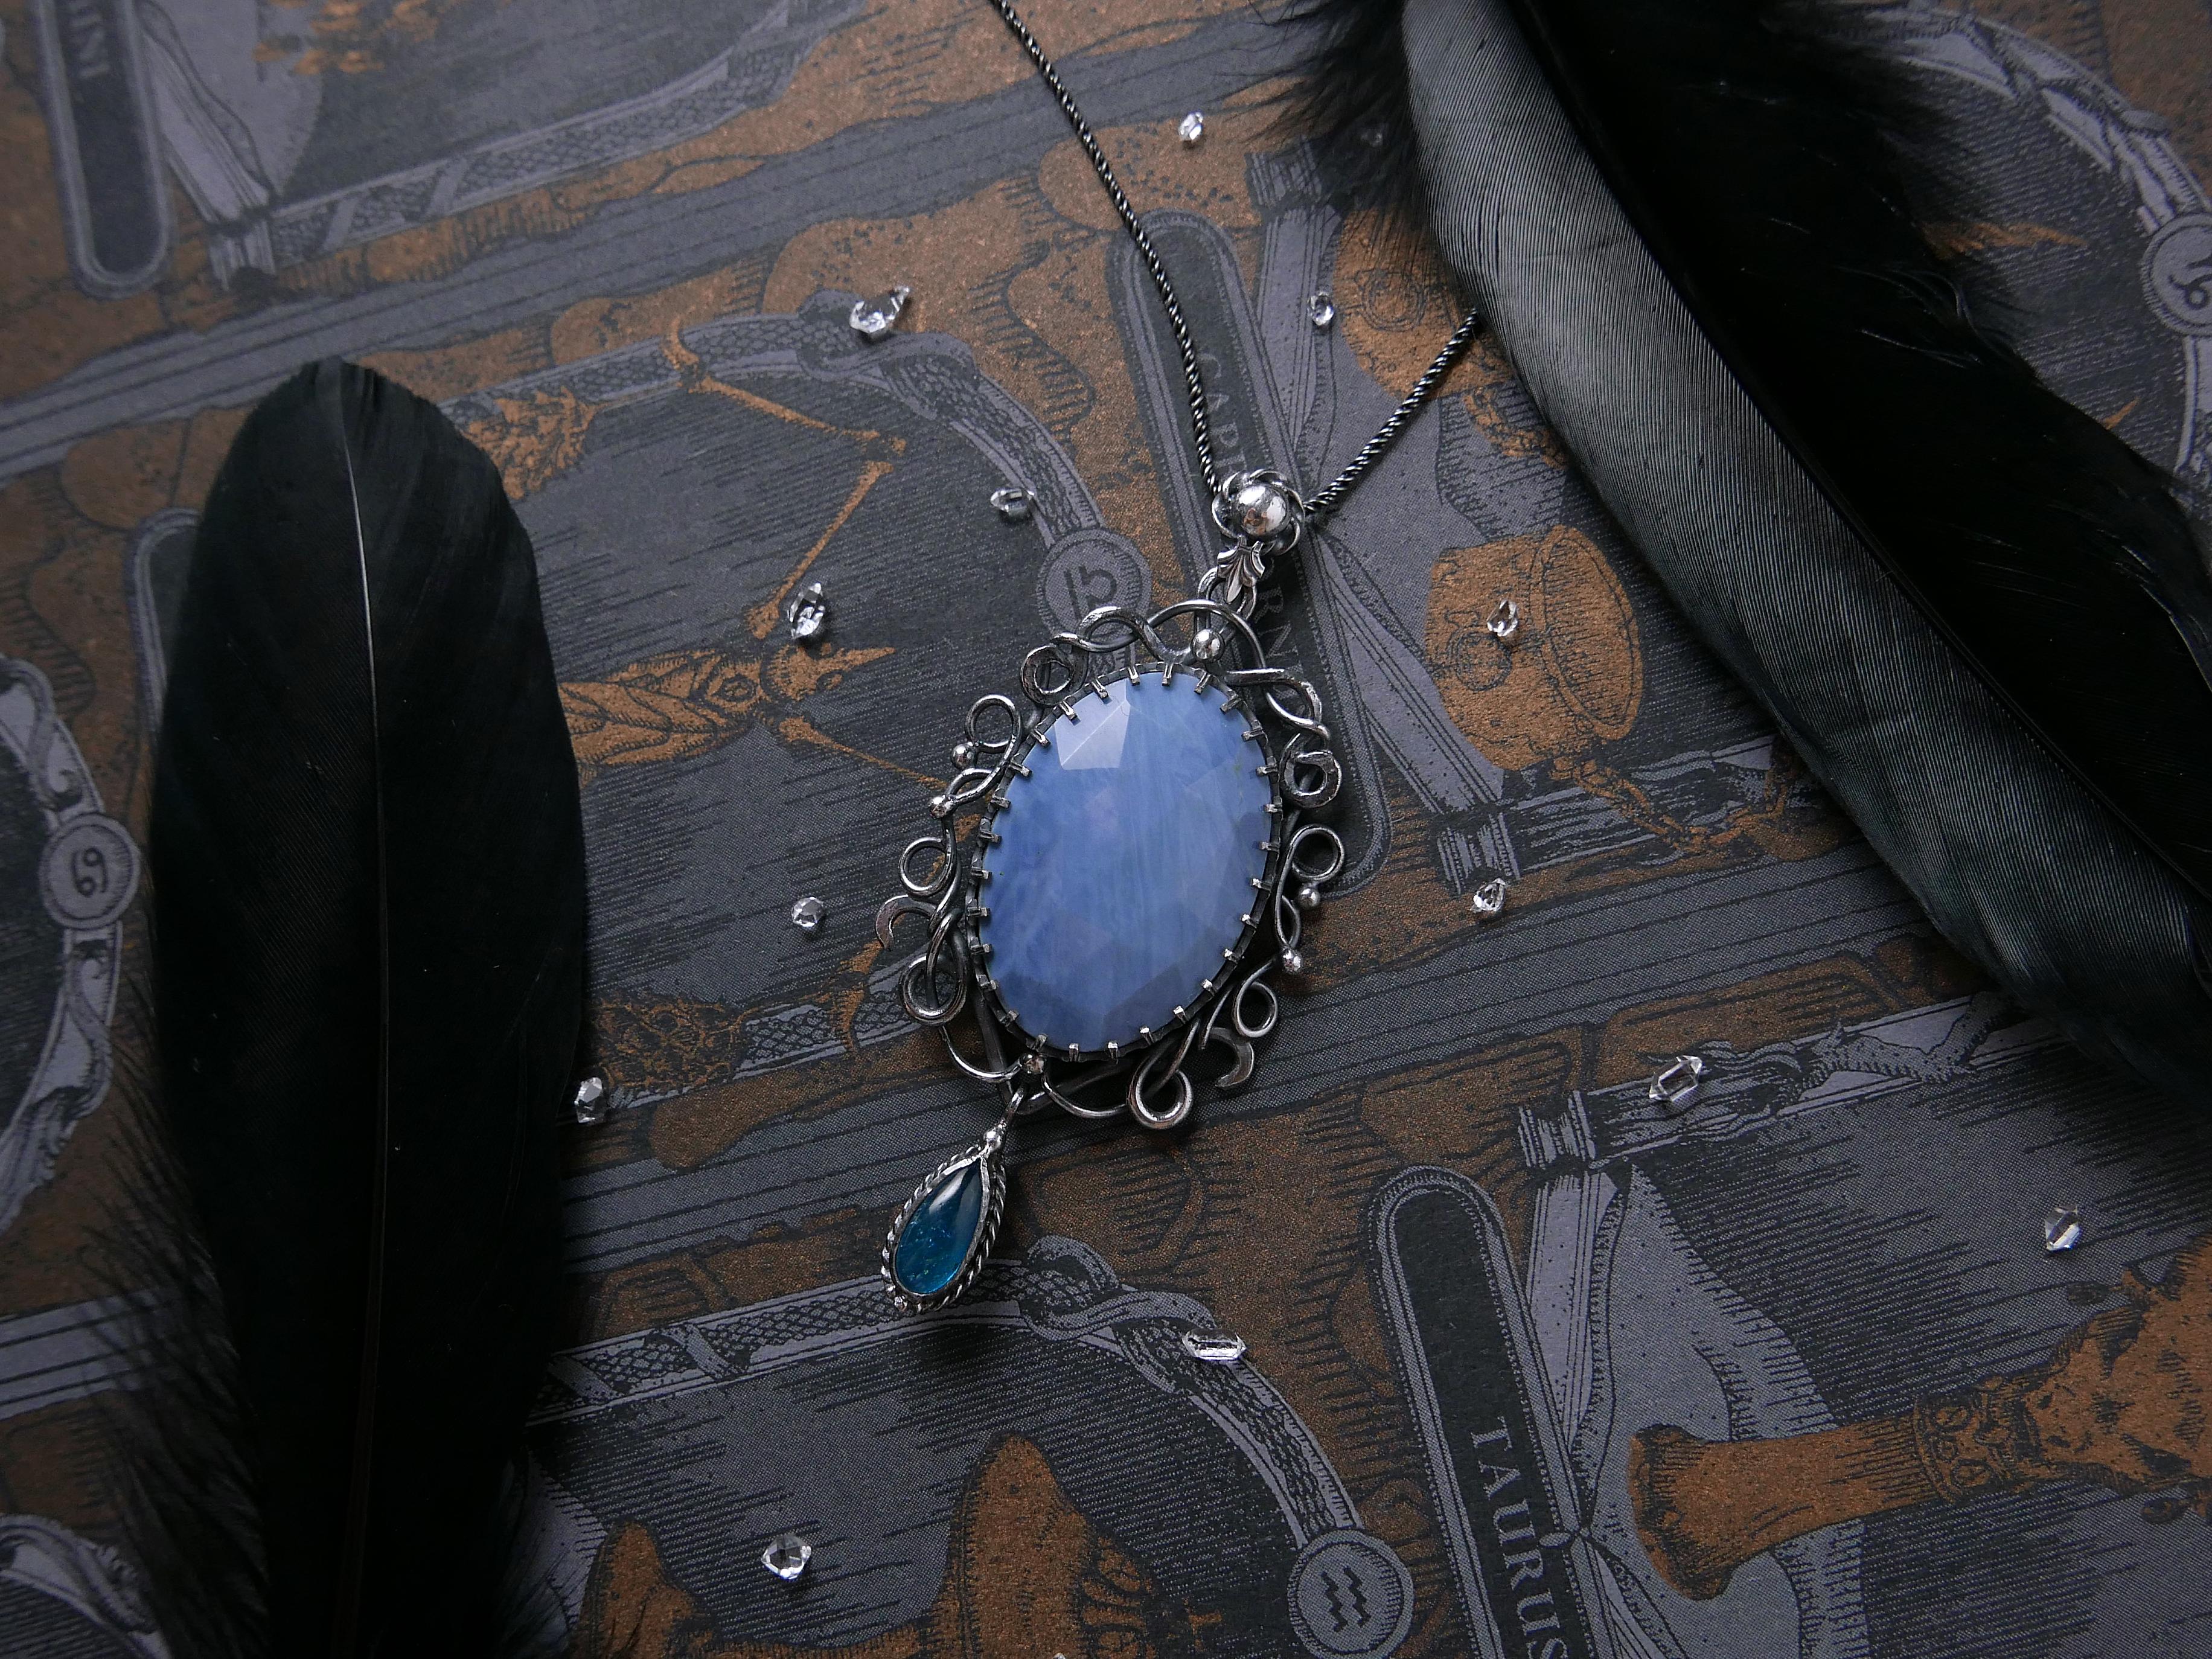 海神寶藏。藍蛋白兩戴純銀鍊